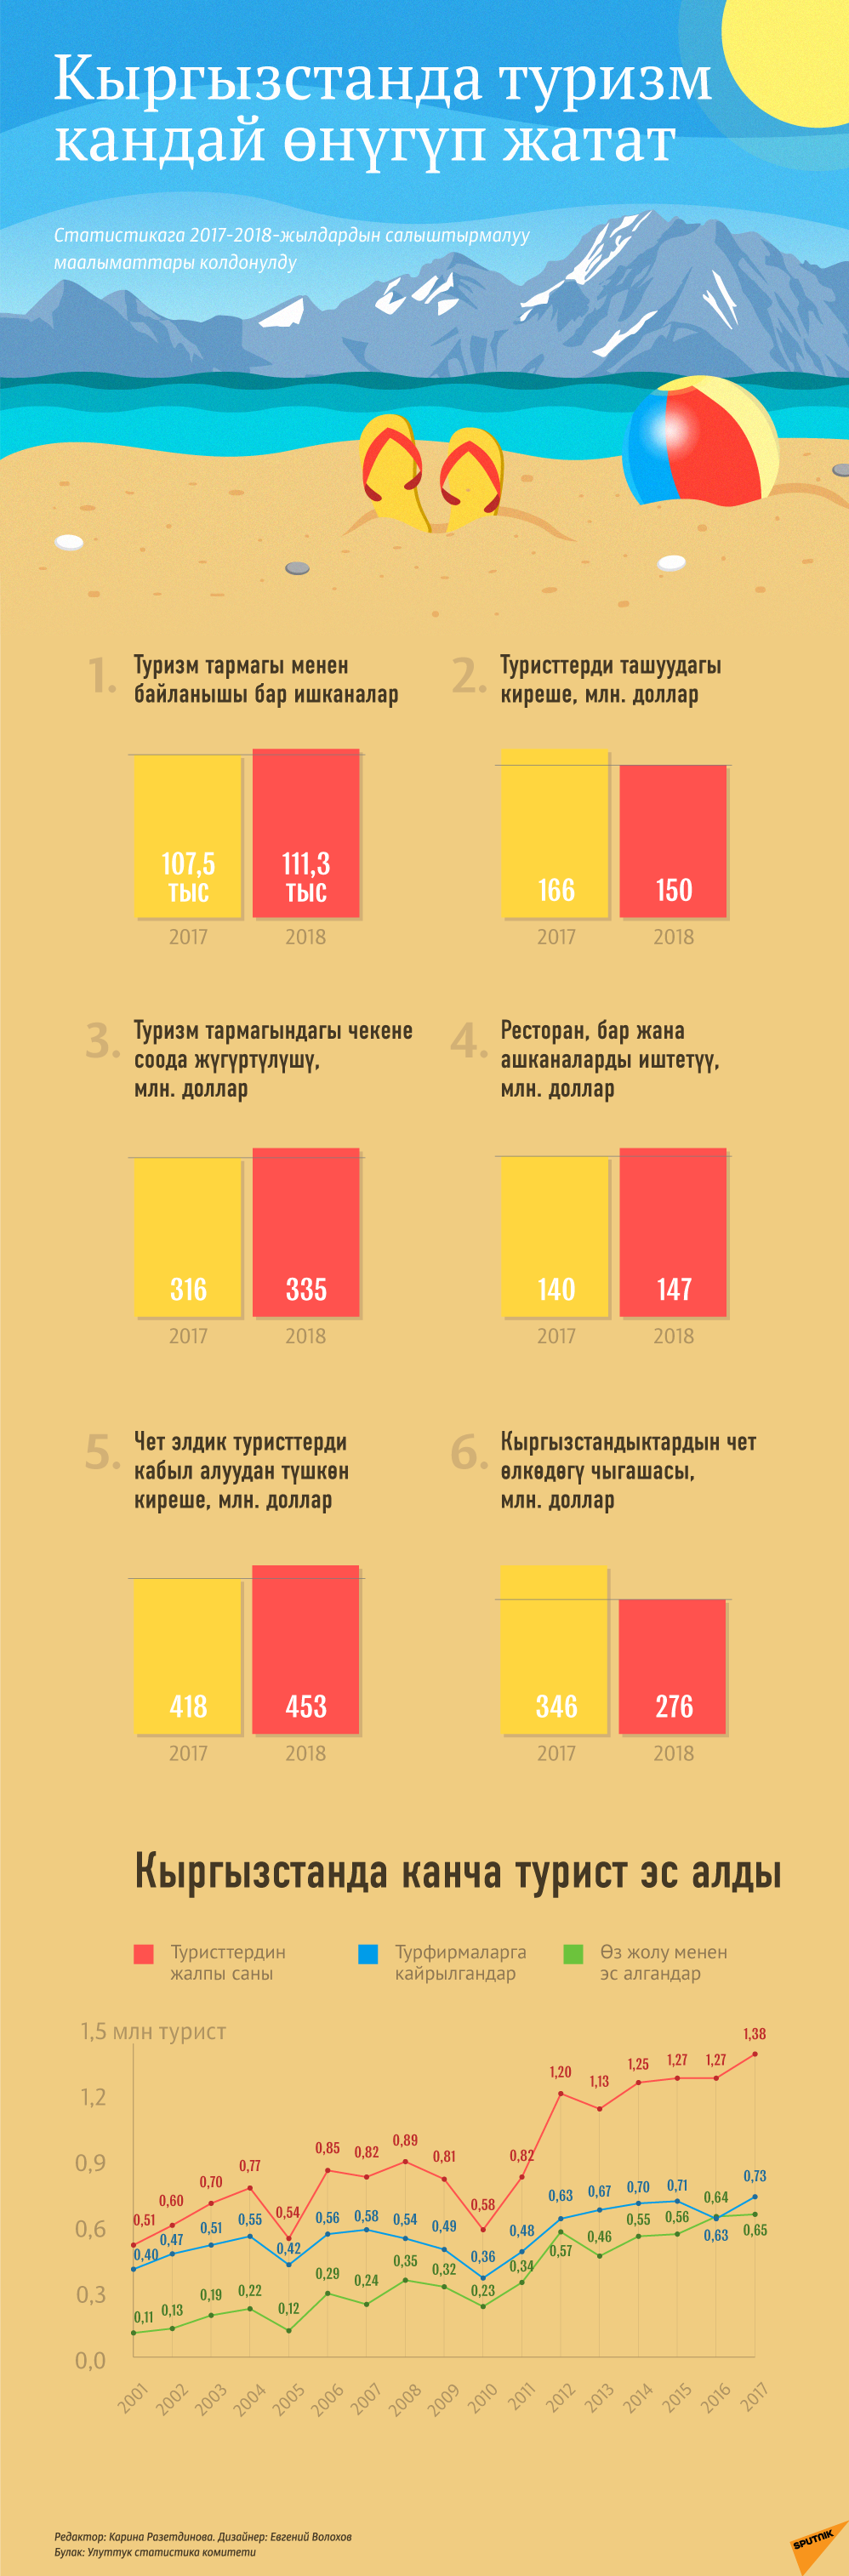 Кыргызстанда туризм кандай өнүгүп жатат